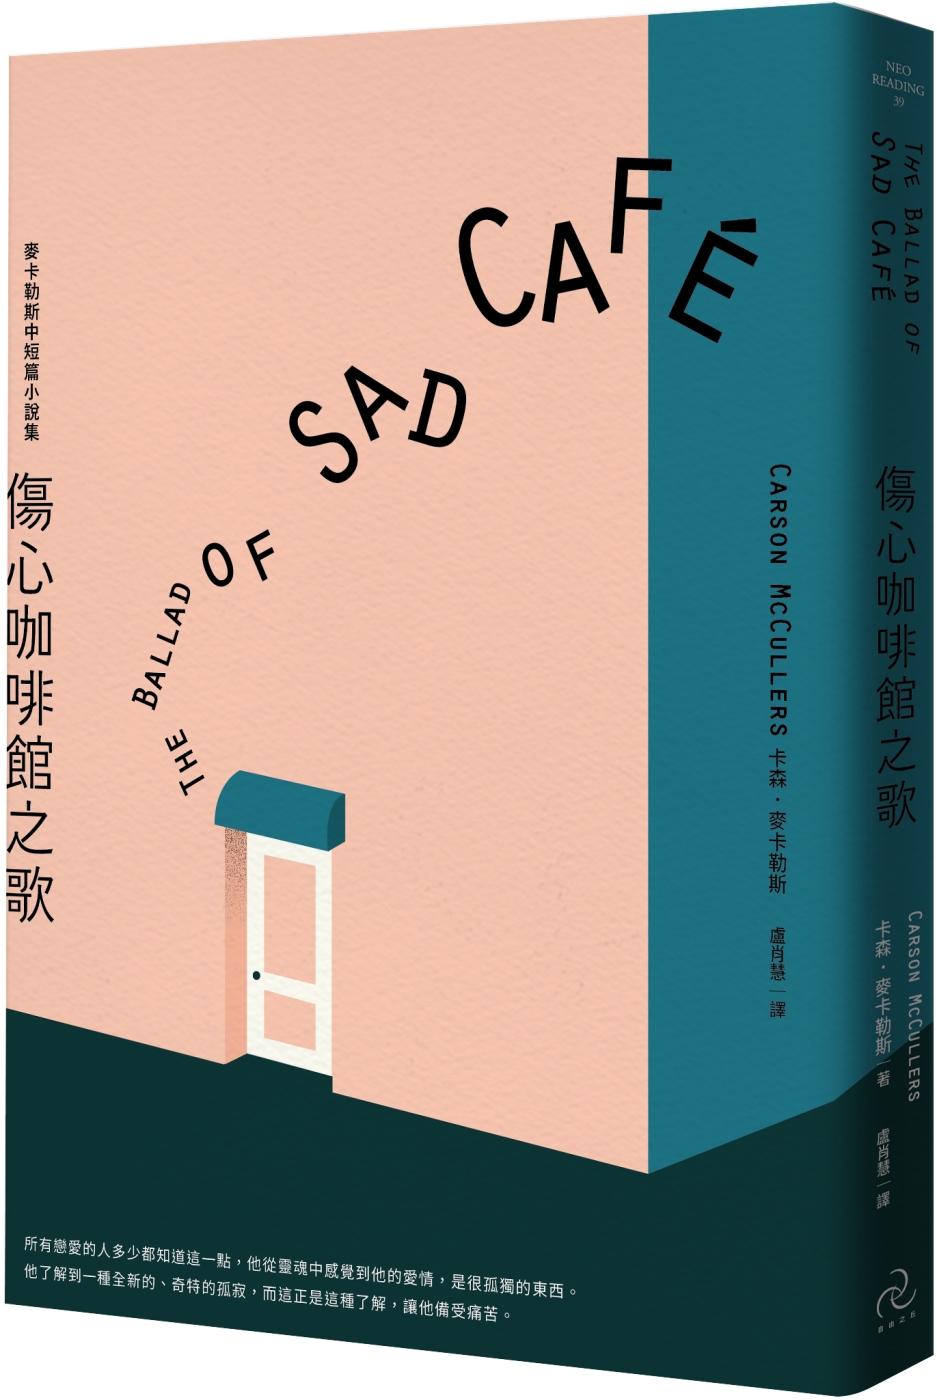 傷心咖啡館之歌: 麥卡勒斯中短篇小說集